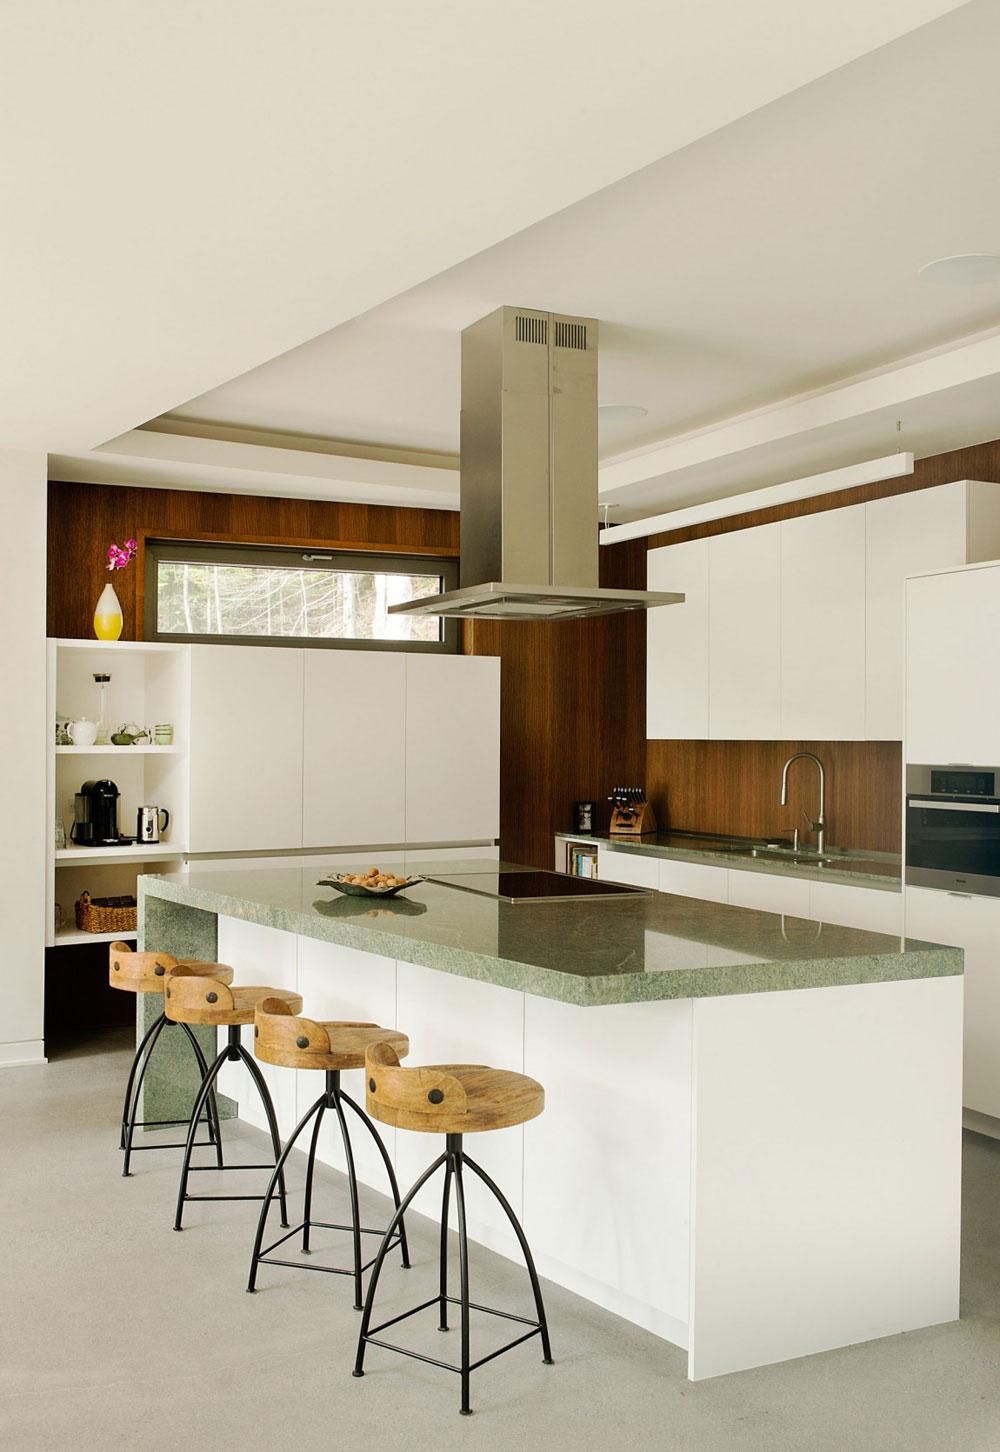 Unikt kök-interiör-design-arbete-utställning-3 Unikt kök inredning design utställning